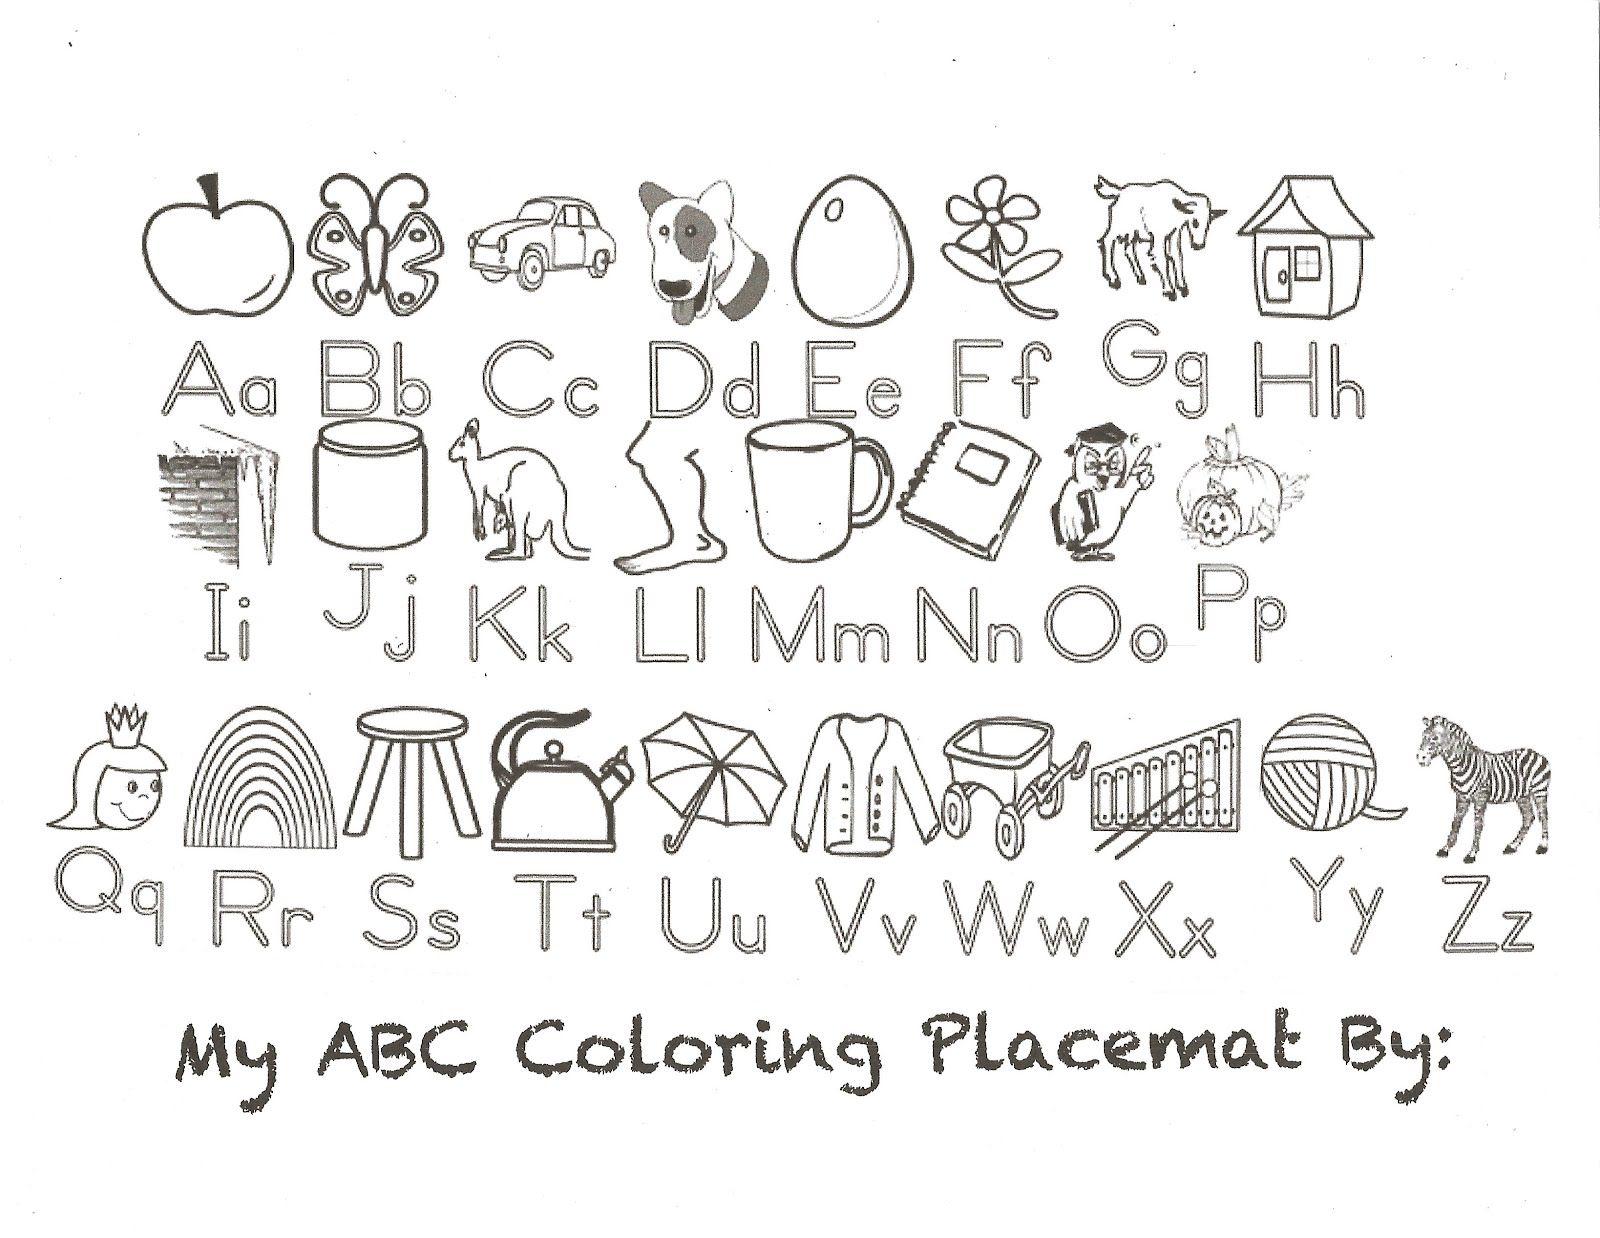 ABC Coloring Placemat Abc coloring pages, Alphabet